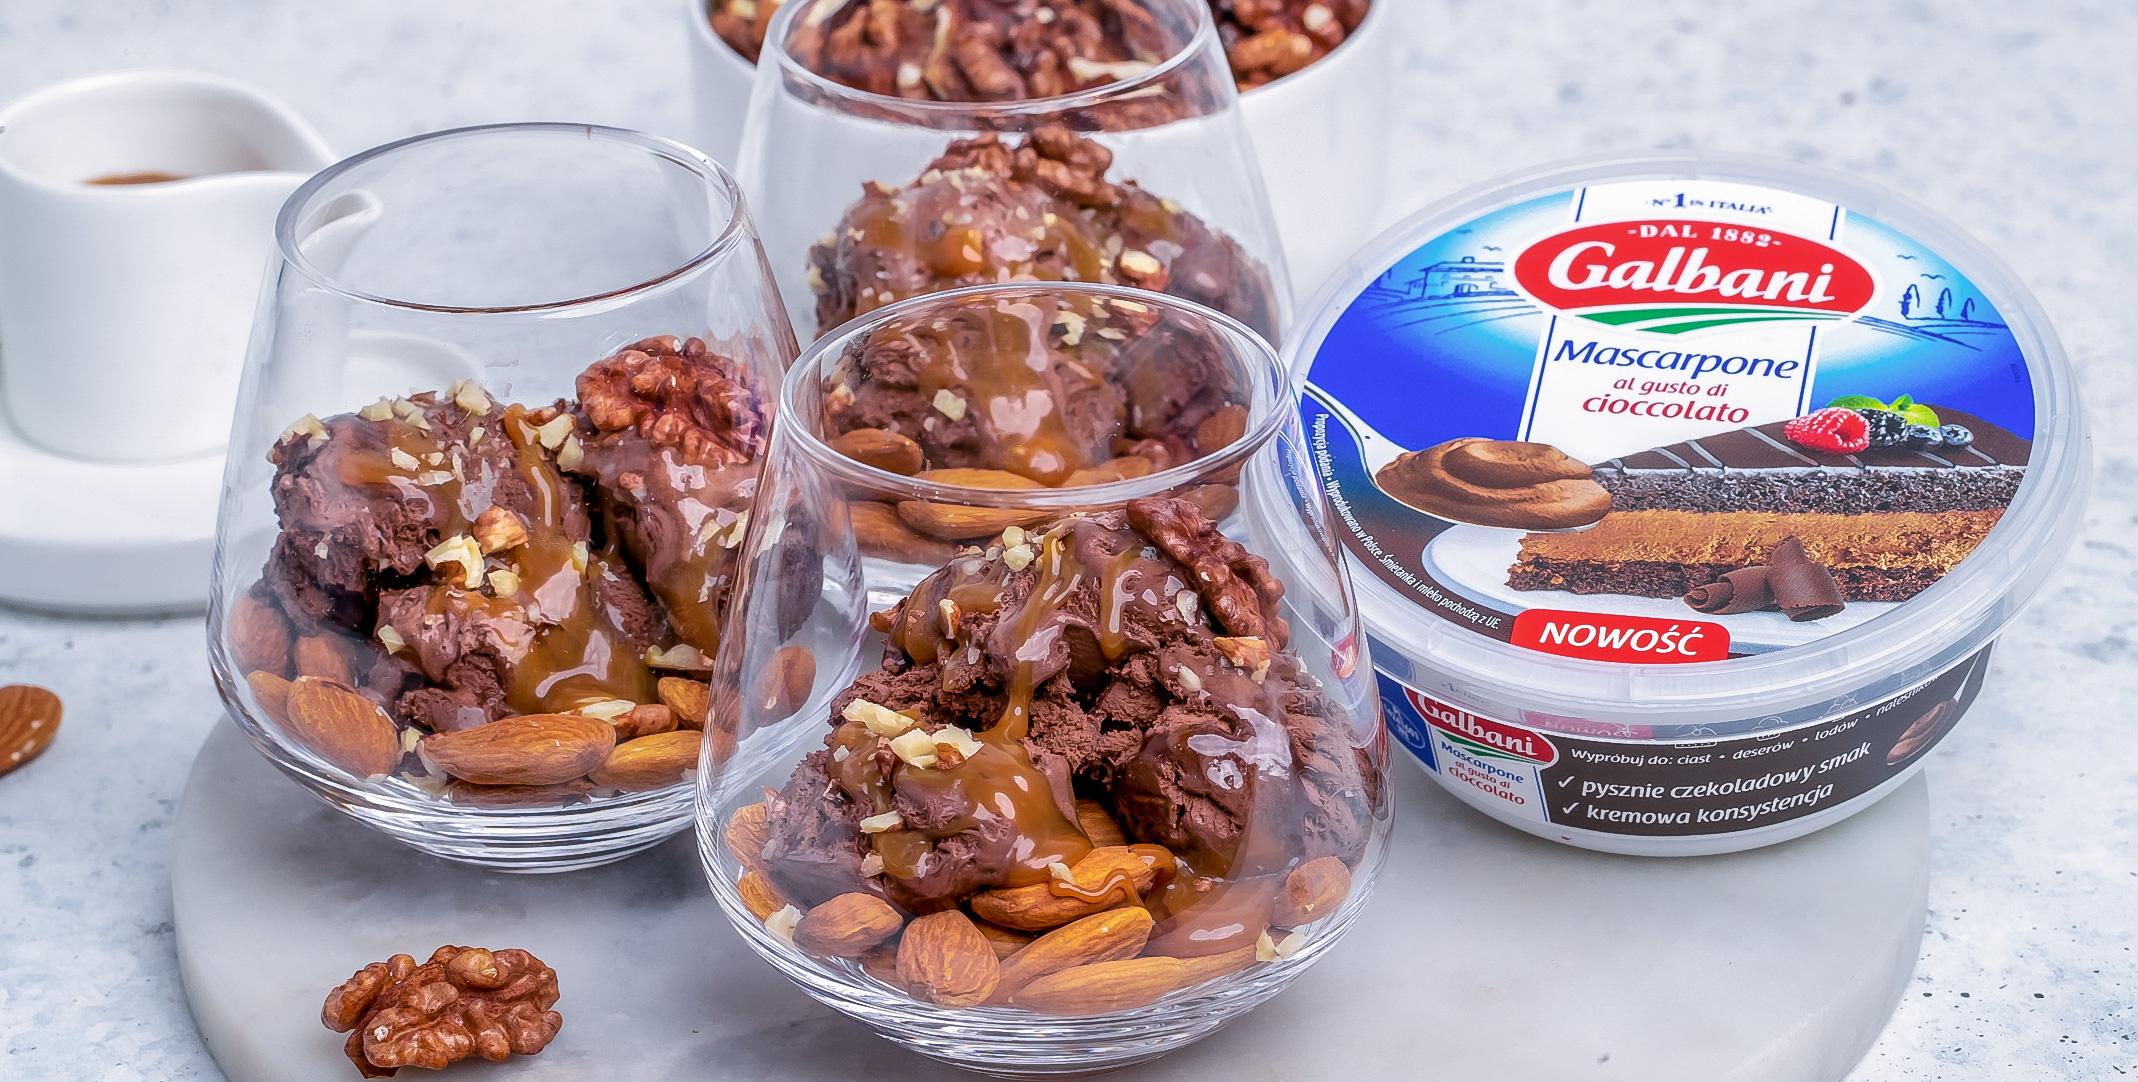 Kremowe lody czekoladowe z karmelem i prażonymi migdałami oraz mascarpone - Galbani – od ponad 130 lat dostarczamy najlepsze włoskie smaki na talerze całego świata